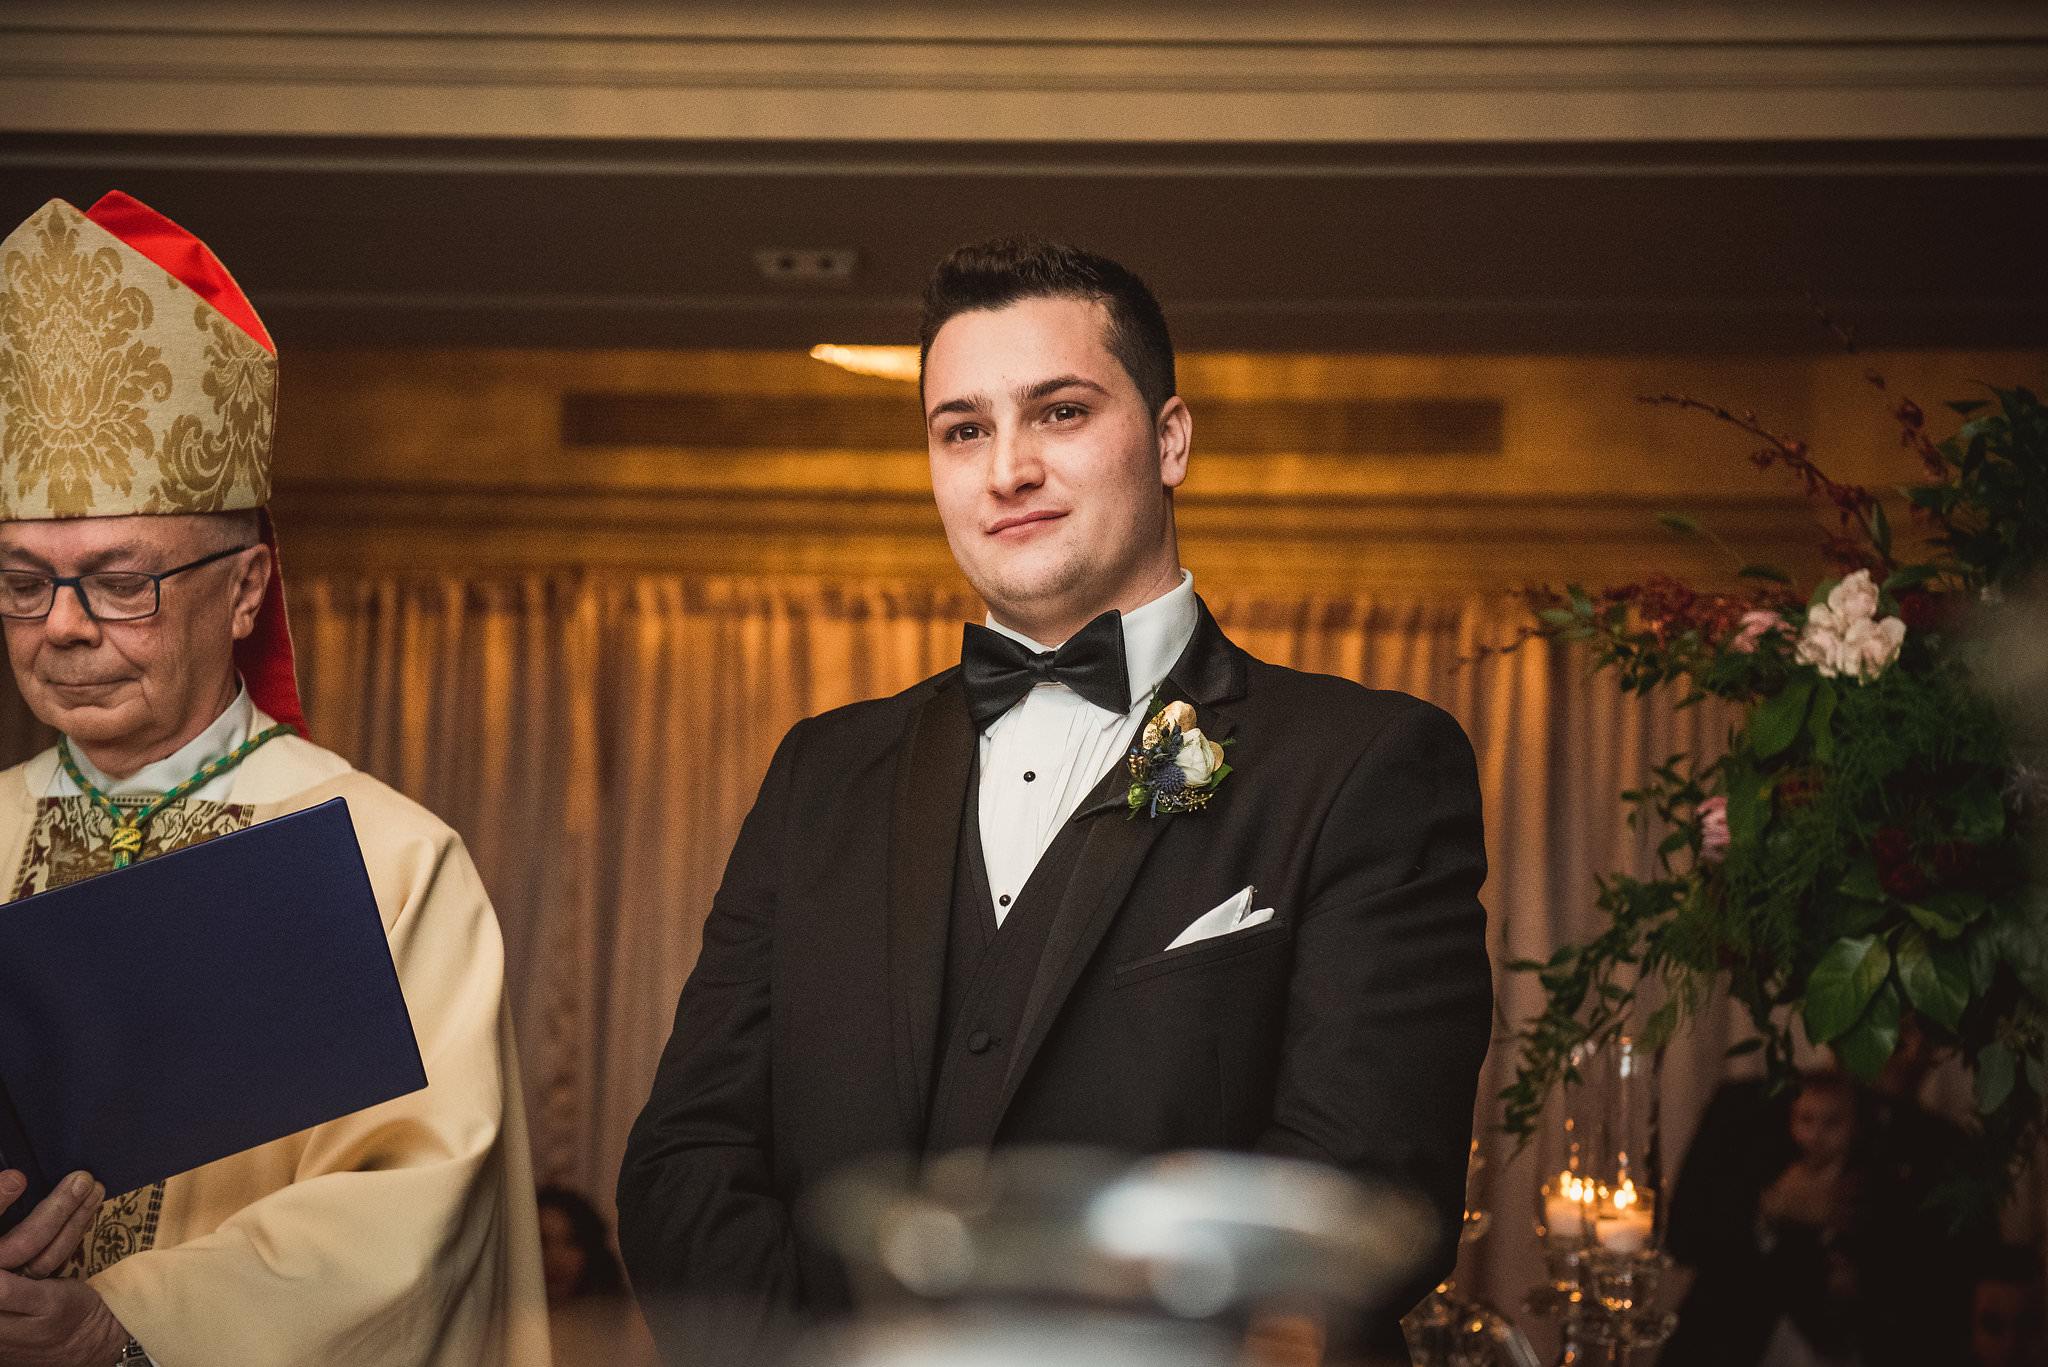 Rebecca Michael King Edward Hotel NYE Wedding Photos 495 - King Edward Hotel Wedding Photos